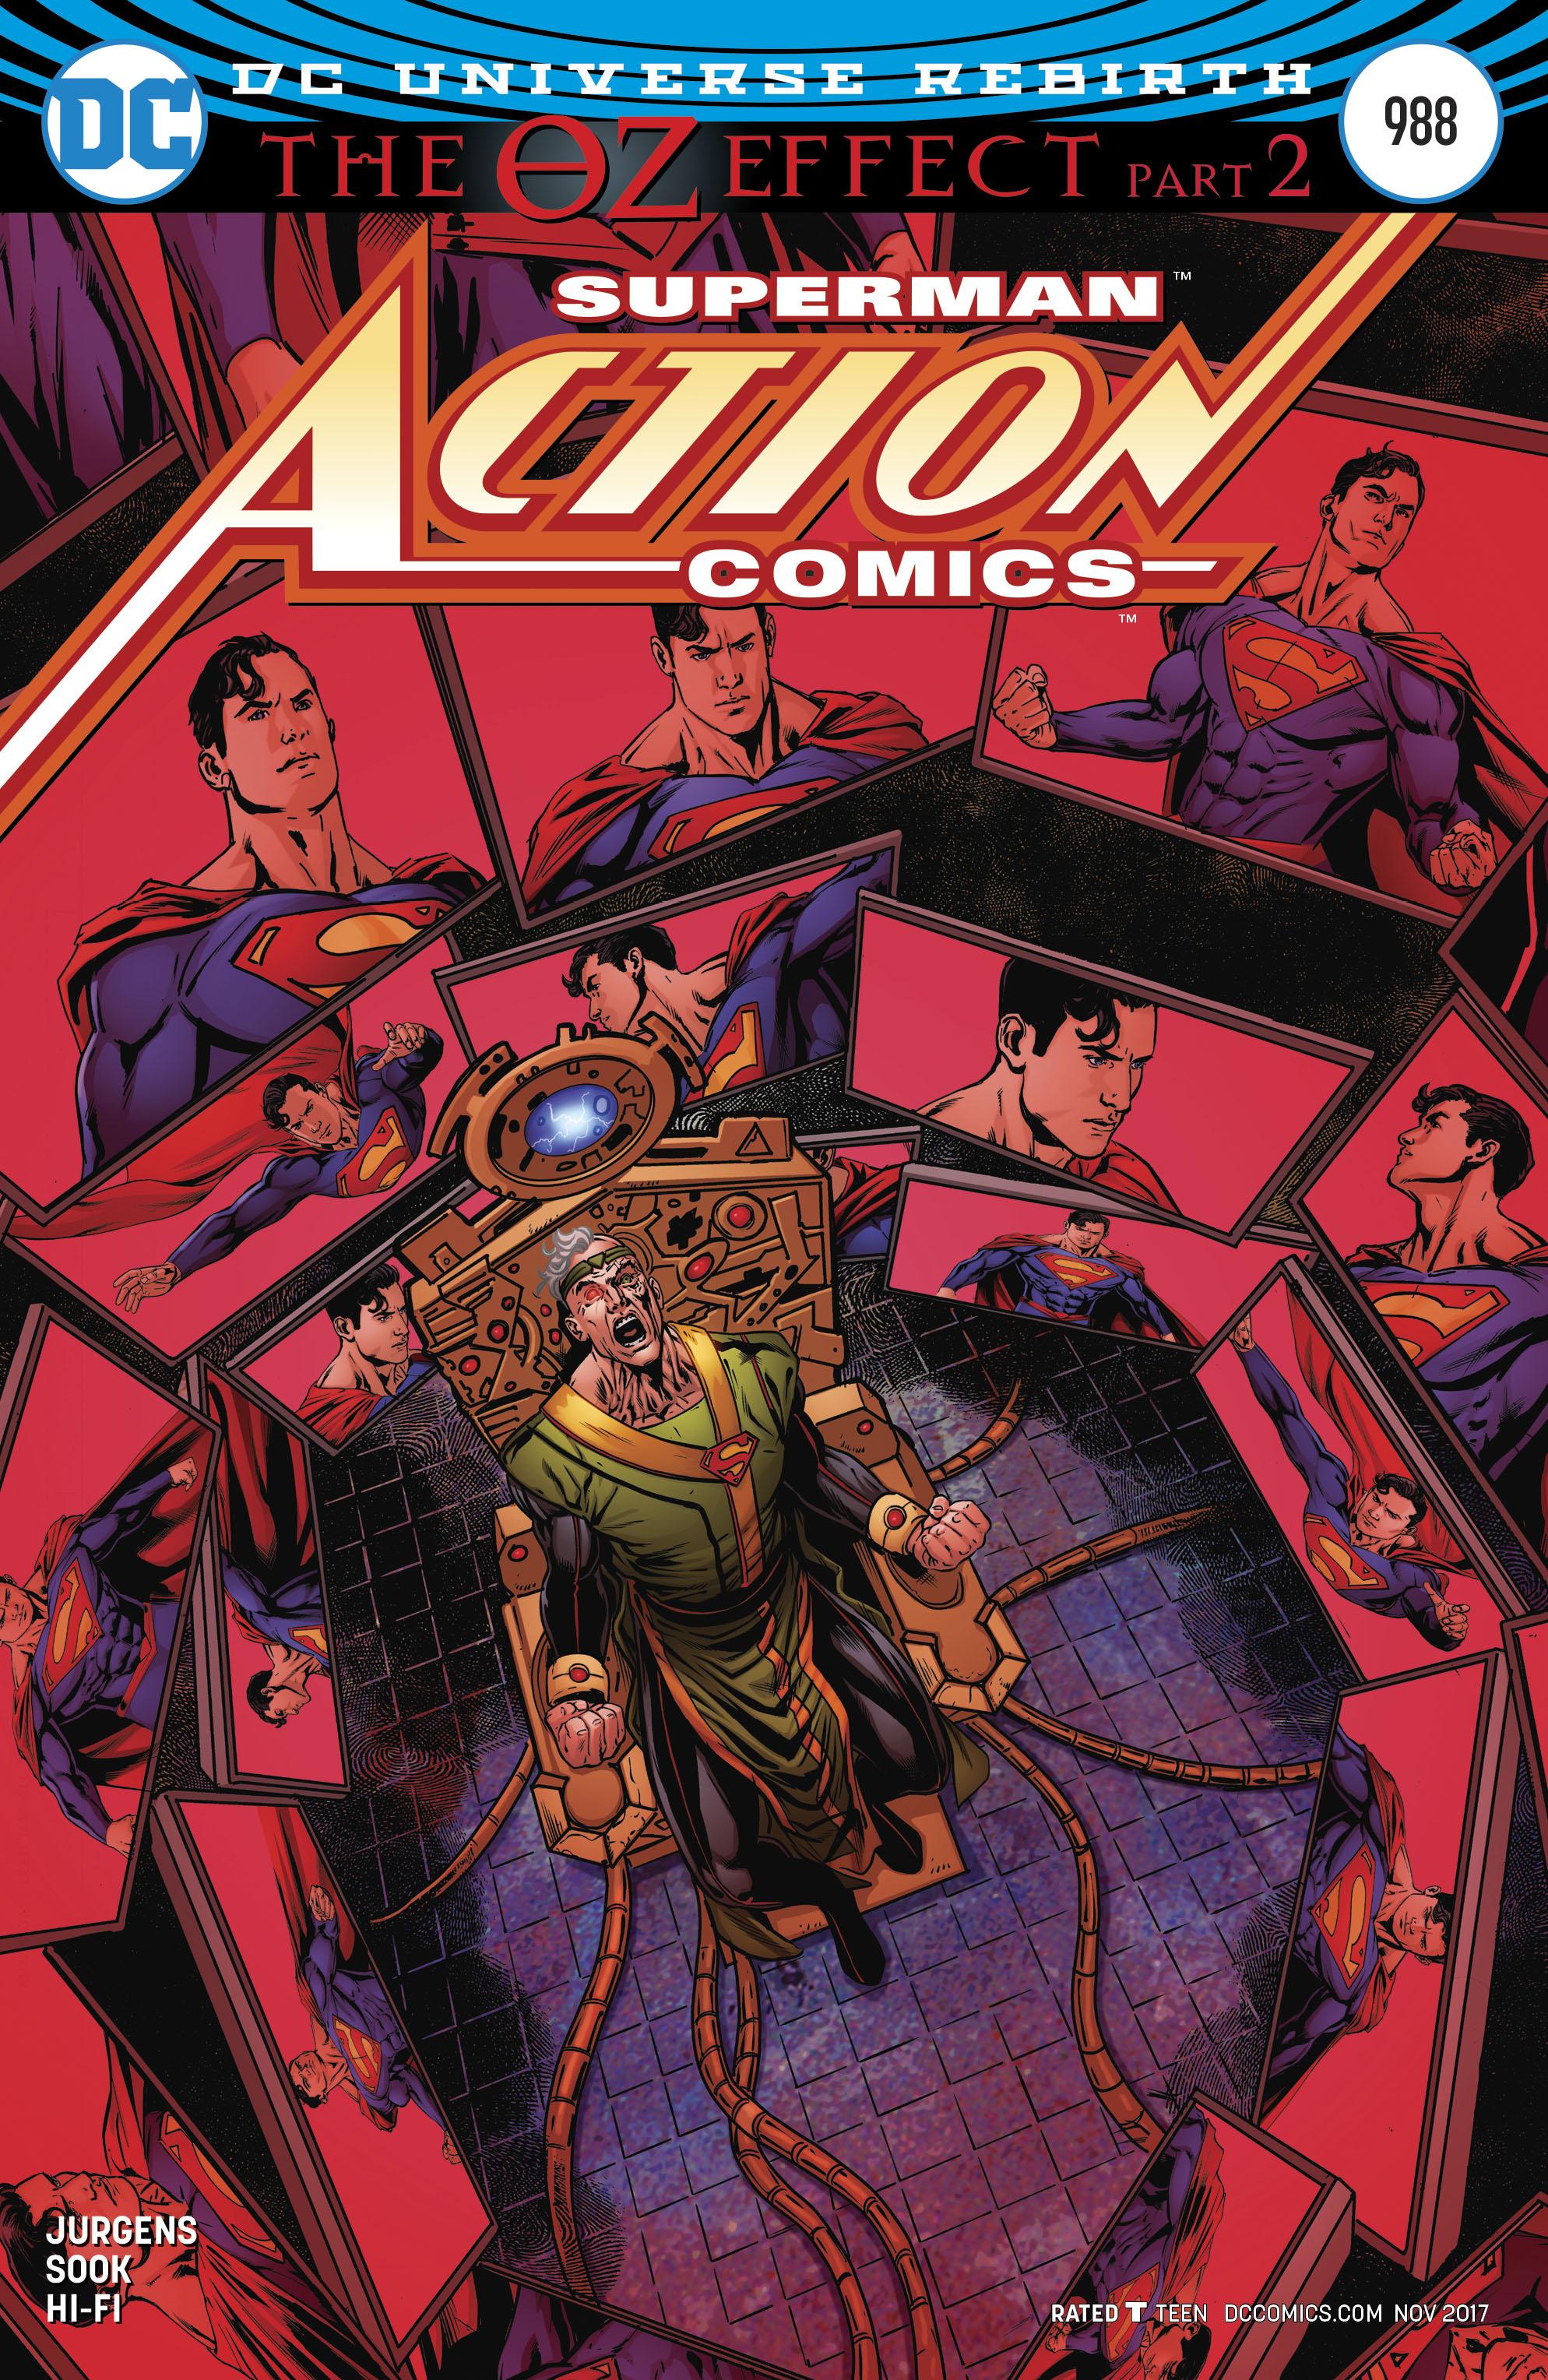 Action Comics Vol 1 988 Variant.jpg